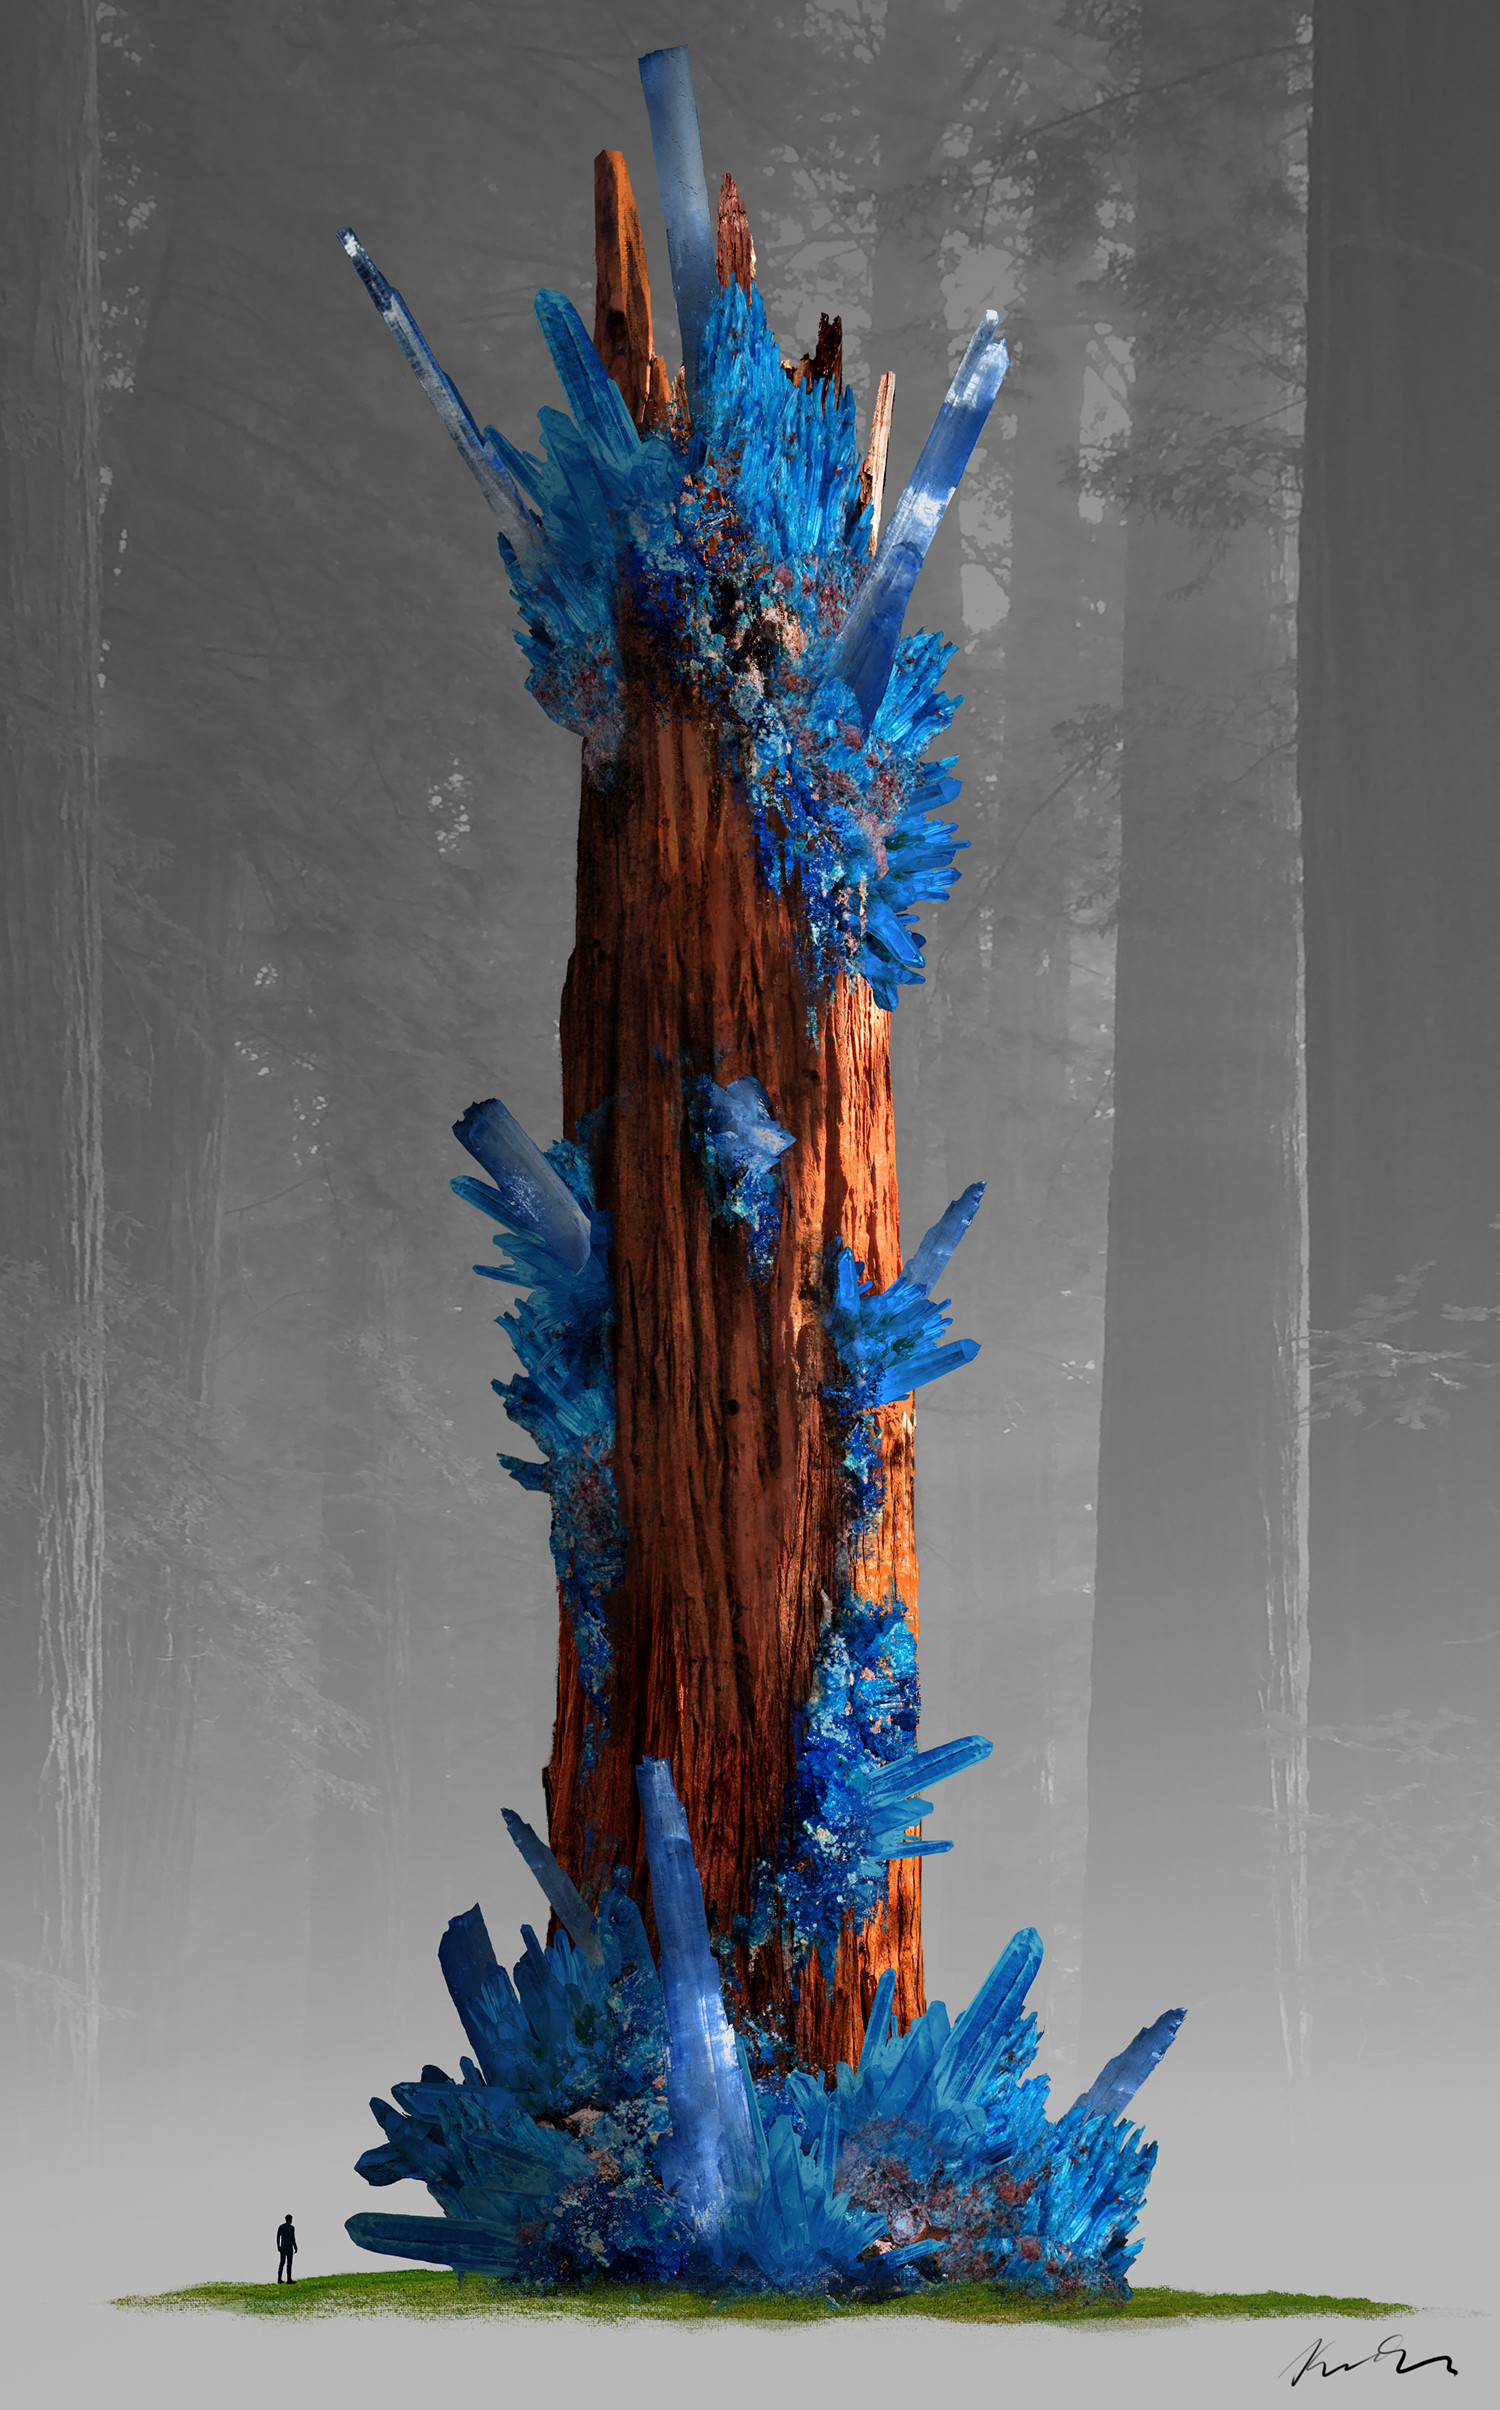 Eva kedves star trekking doodle 02 original colour